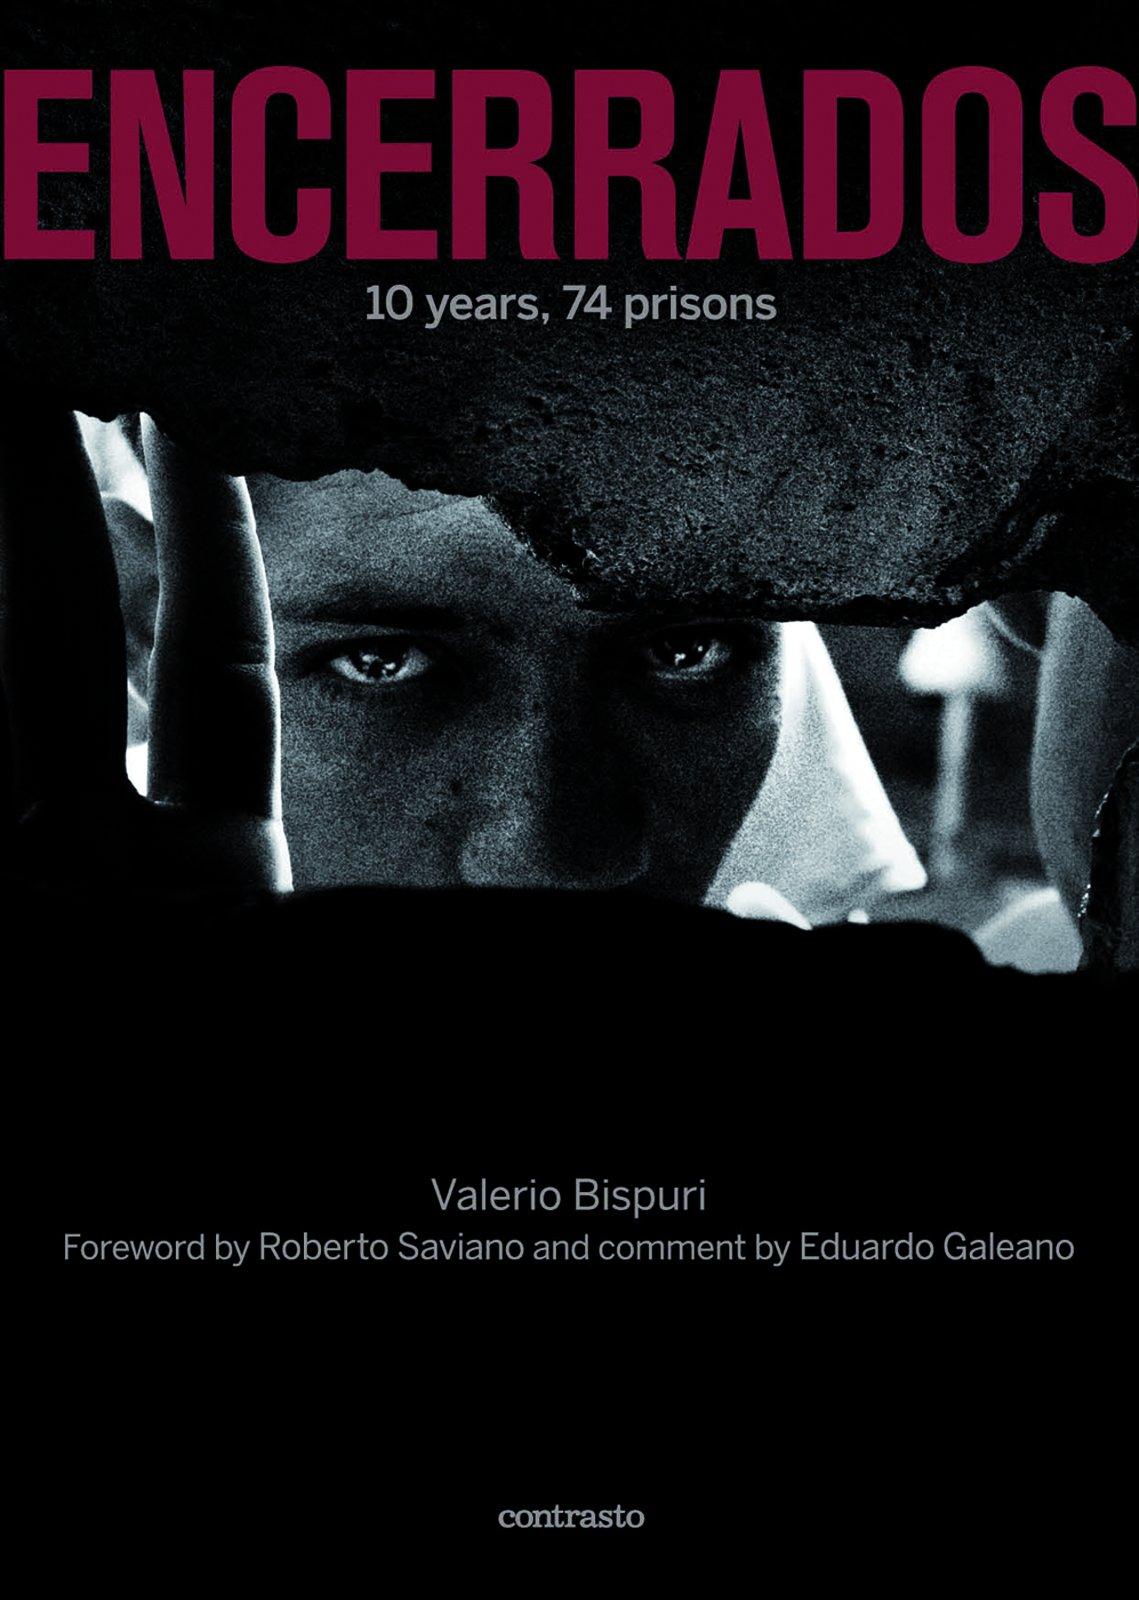 Encerrados: 10 Years, 74 Prisons: Valerio Bispuri, Roberto Saviano, Eduardo  Galeano: 9788869655814: Amazon: Books